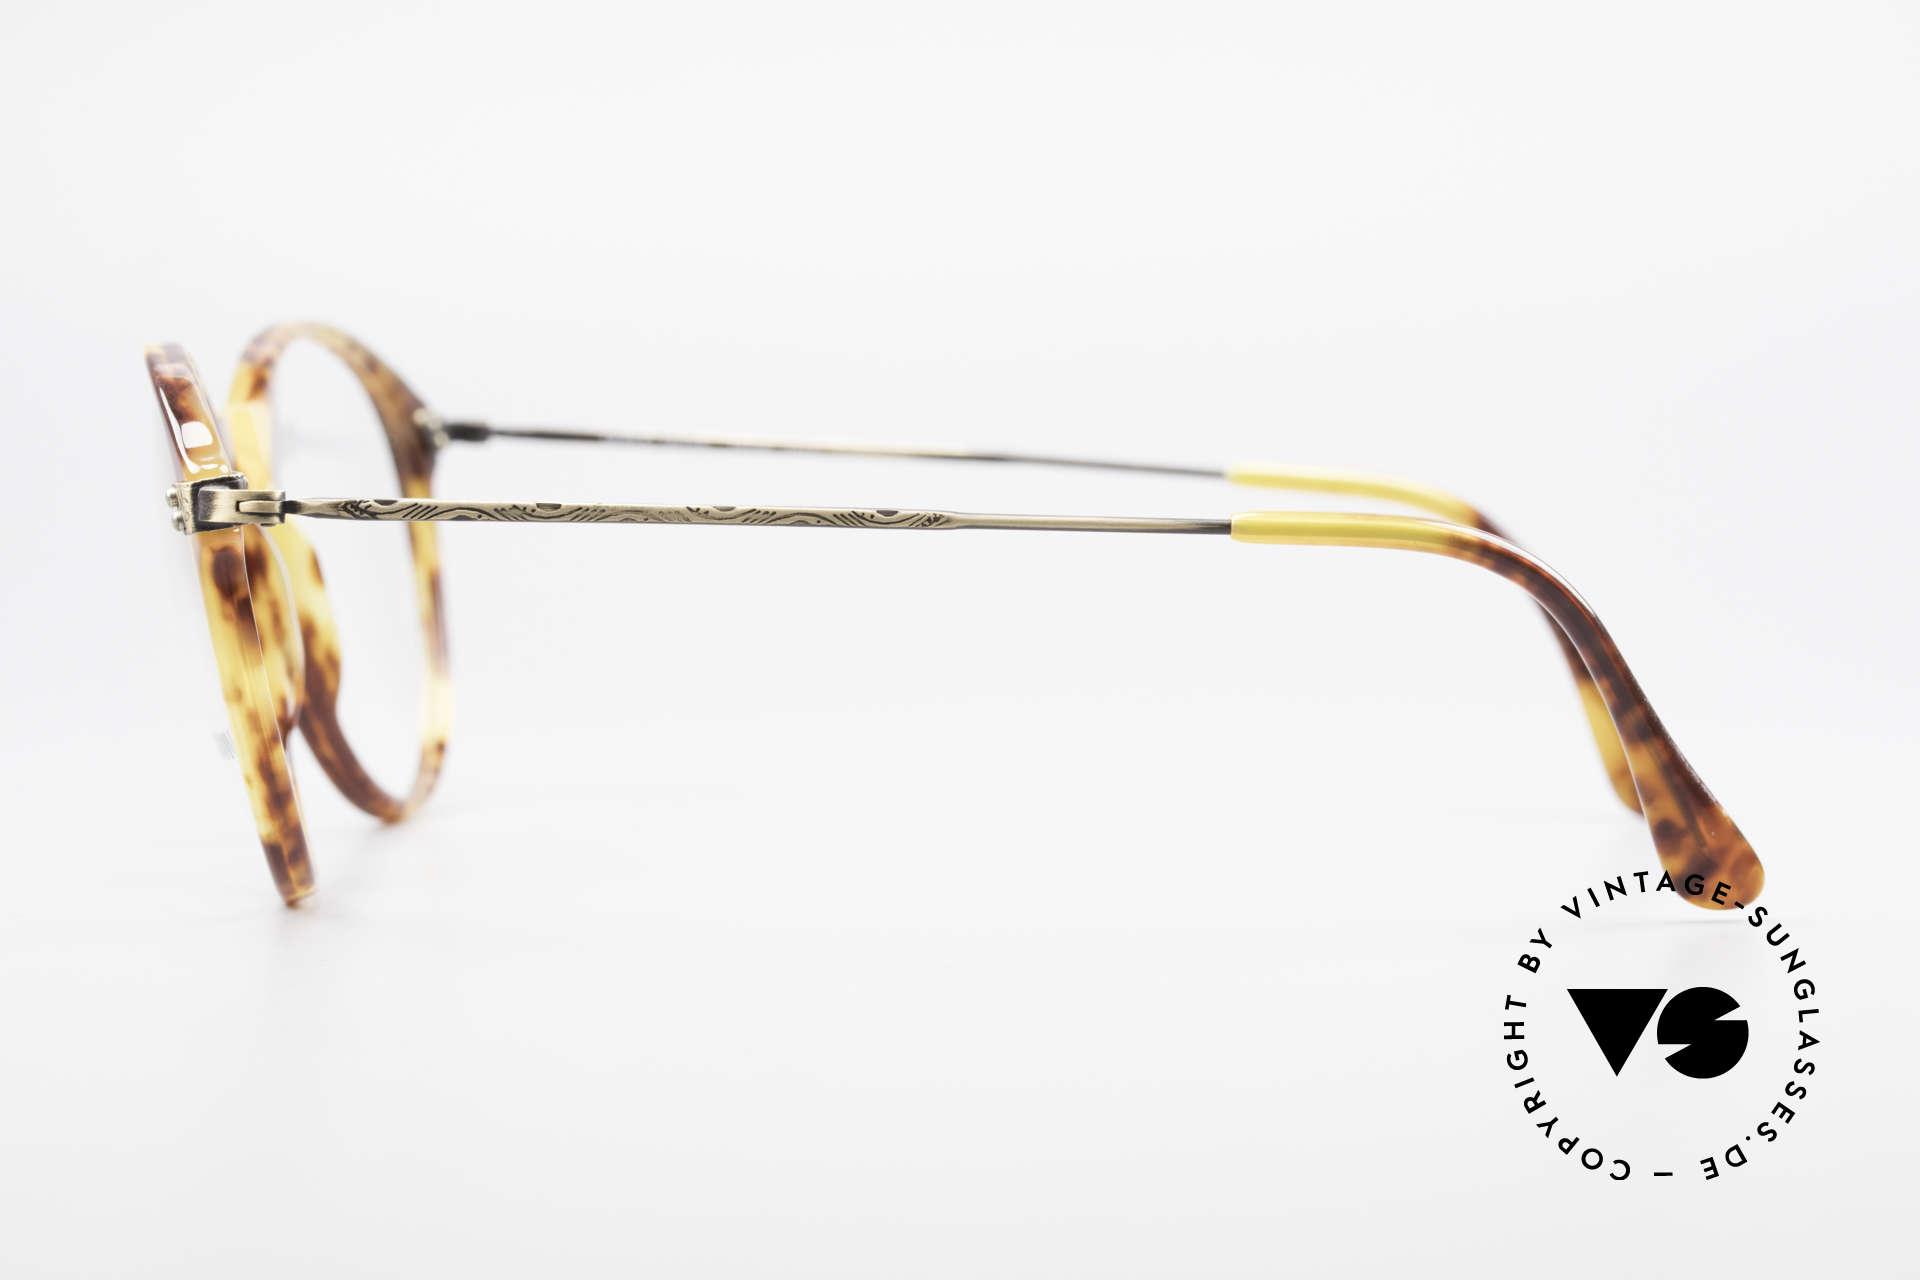 Giorgio Armani 329 90er Panto Fassung Medium, KEINE Retromode, sondern ein altes Armani-Original, Passend für Herren